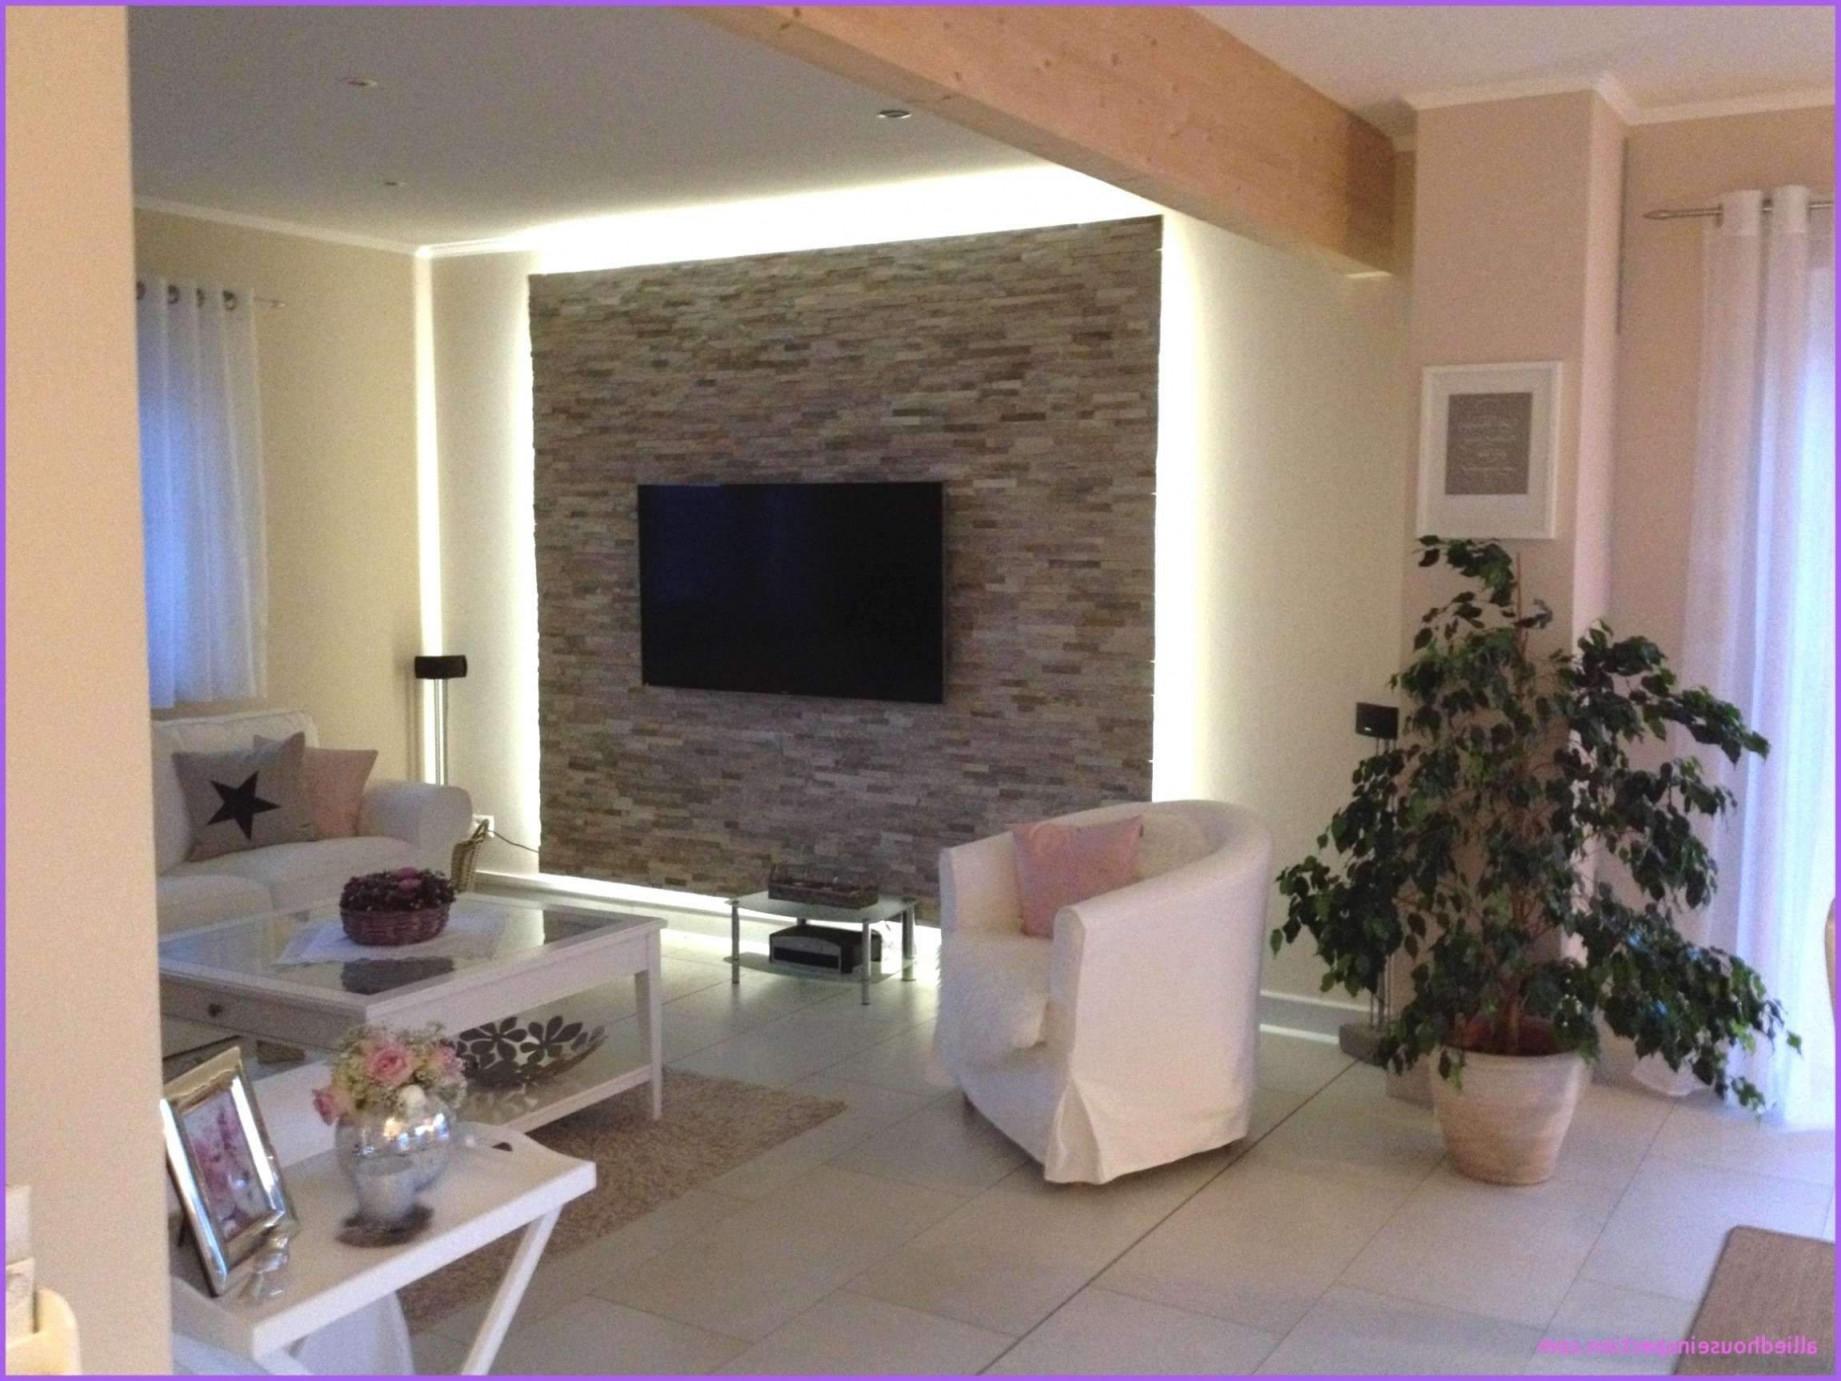 Wohnzimmer Tapete Ideen Frisch Tapeten 2018 Wohnzimmer von Vliestapete Wohnzimmer Ideen Photo